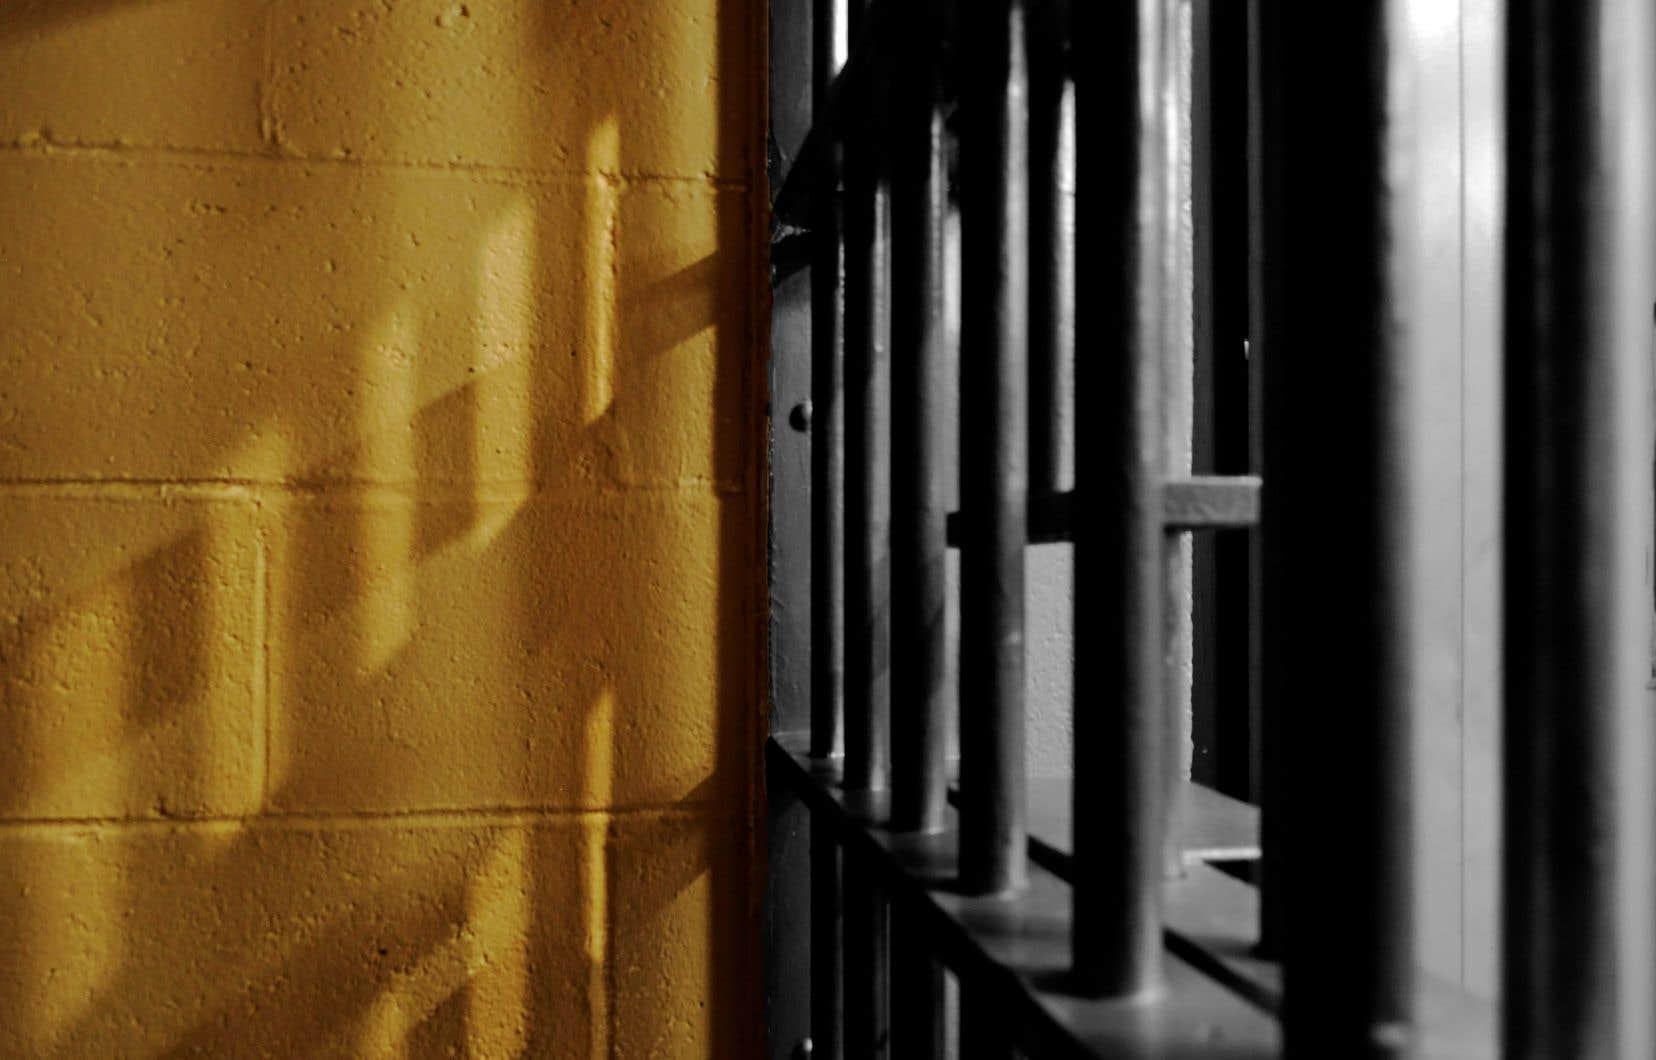 Ugo Fredette sera emprisonné au moins 25 ans, au bout desquels il pourra demander une libération conditionnelle.